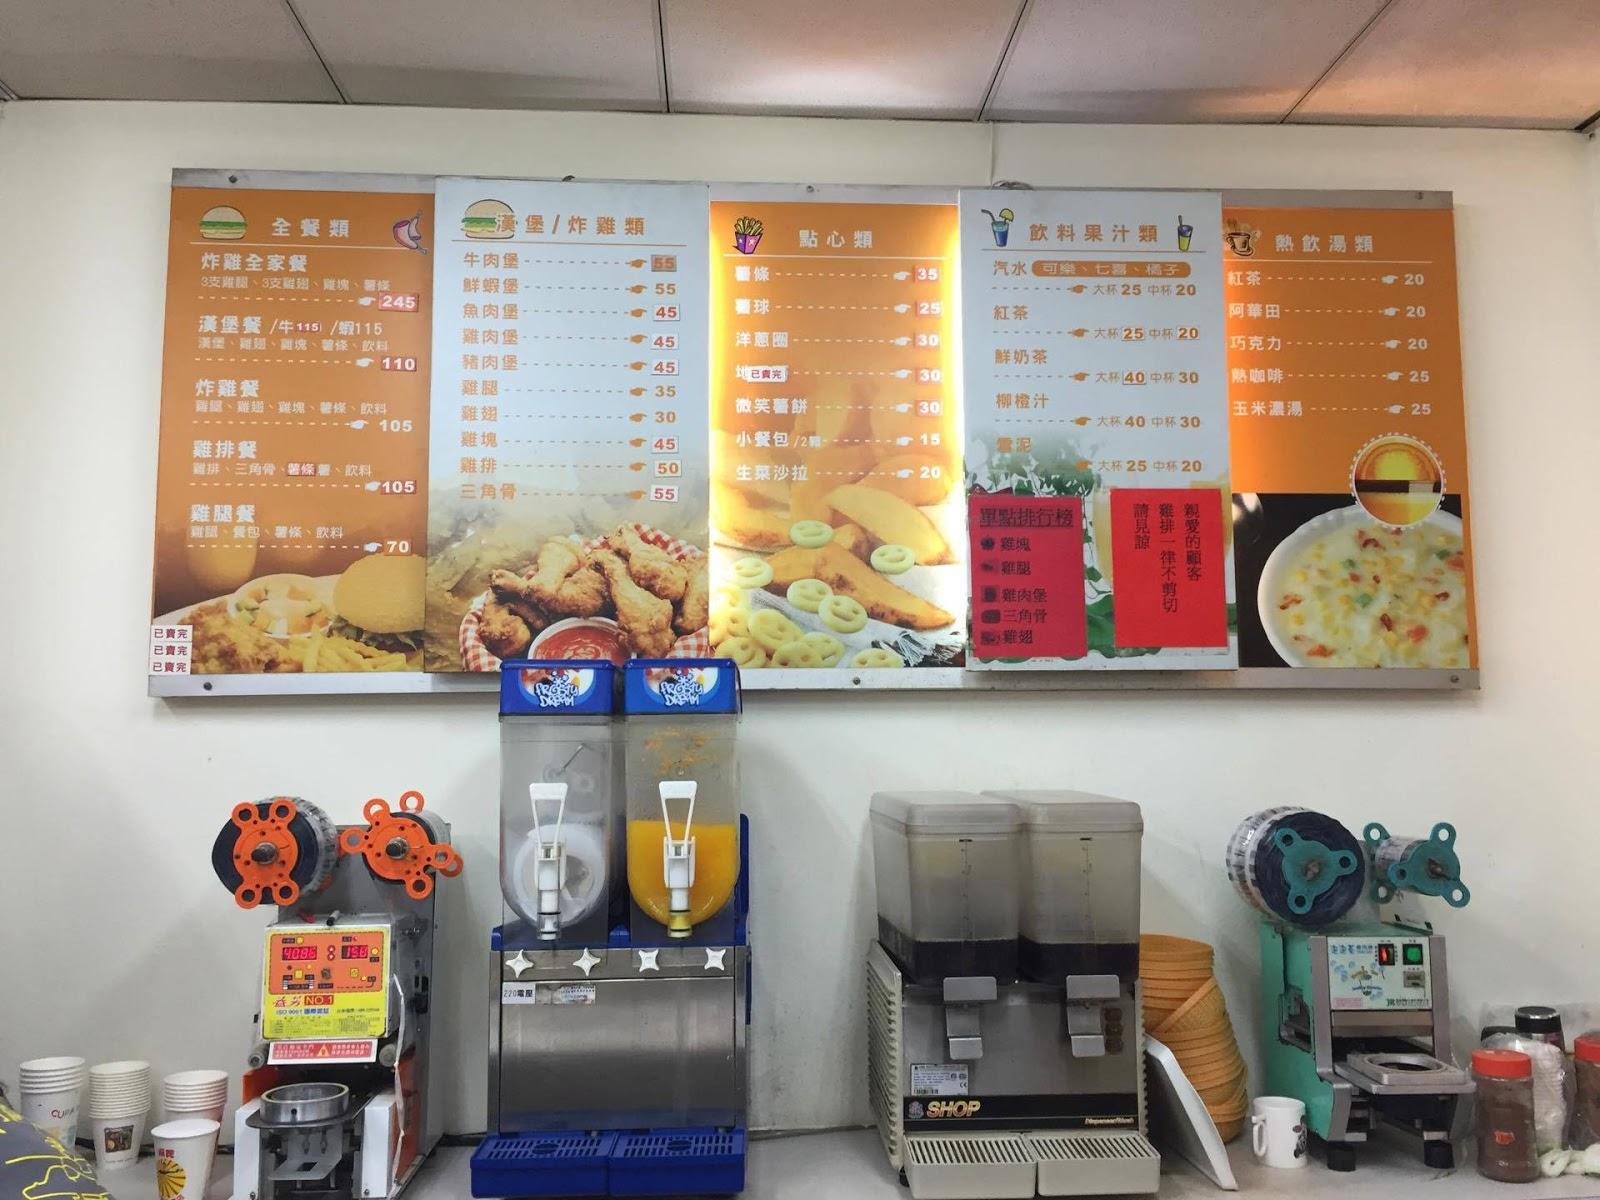 臺東。覓食趣: 阿鋐炸雞專賣店